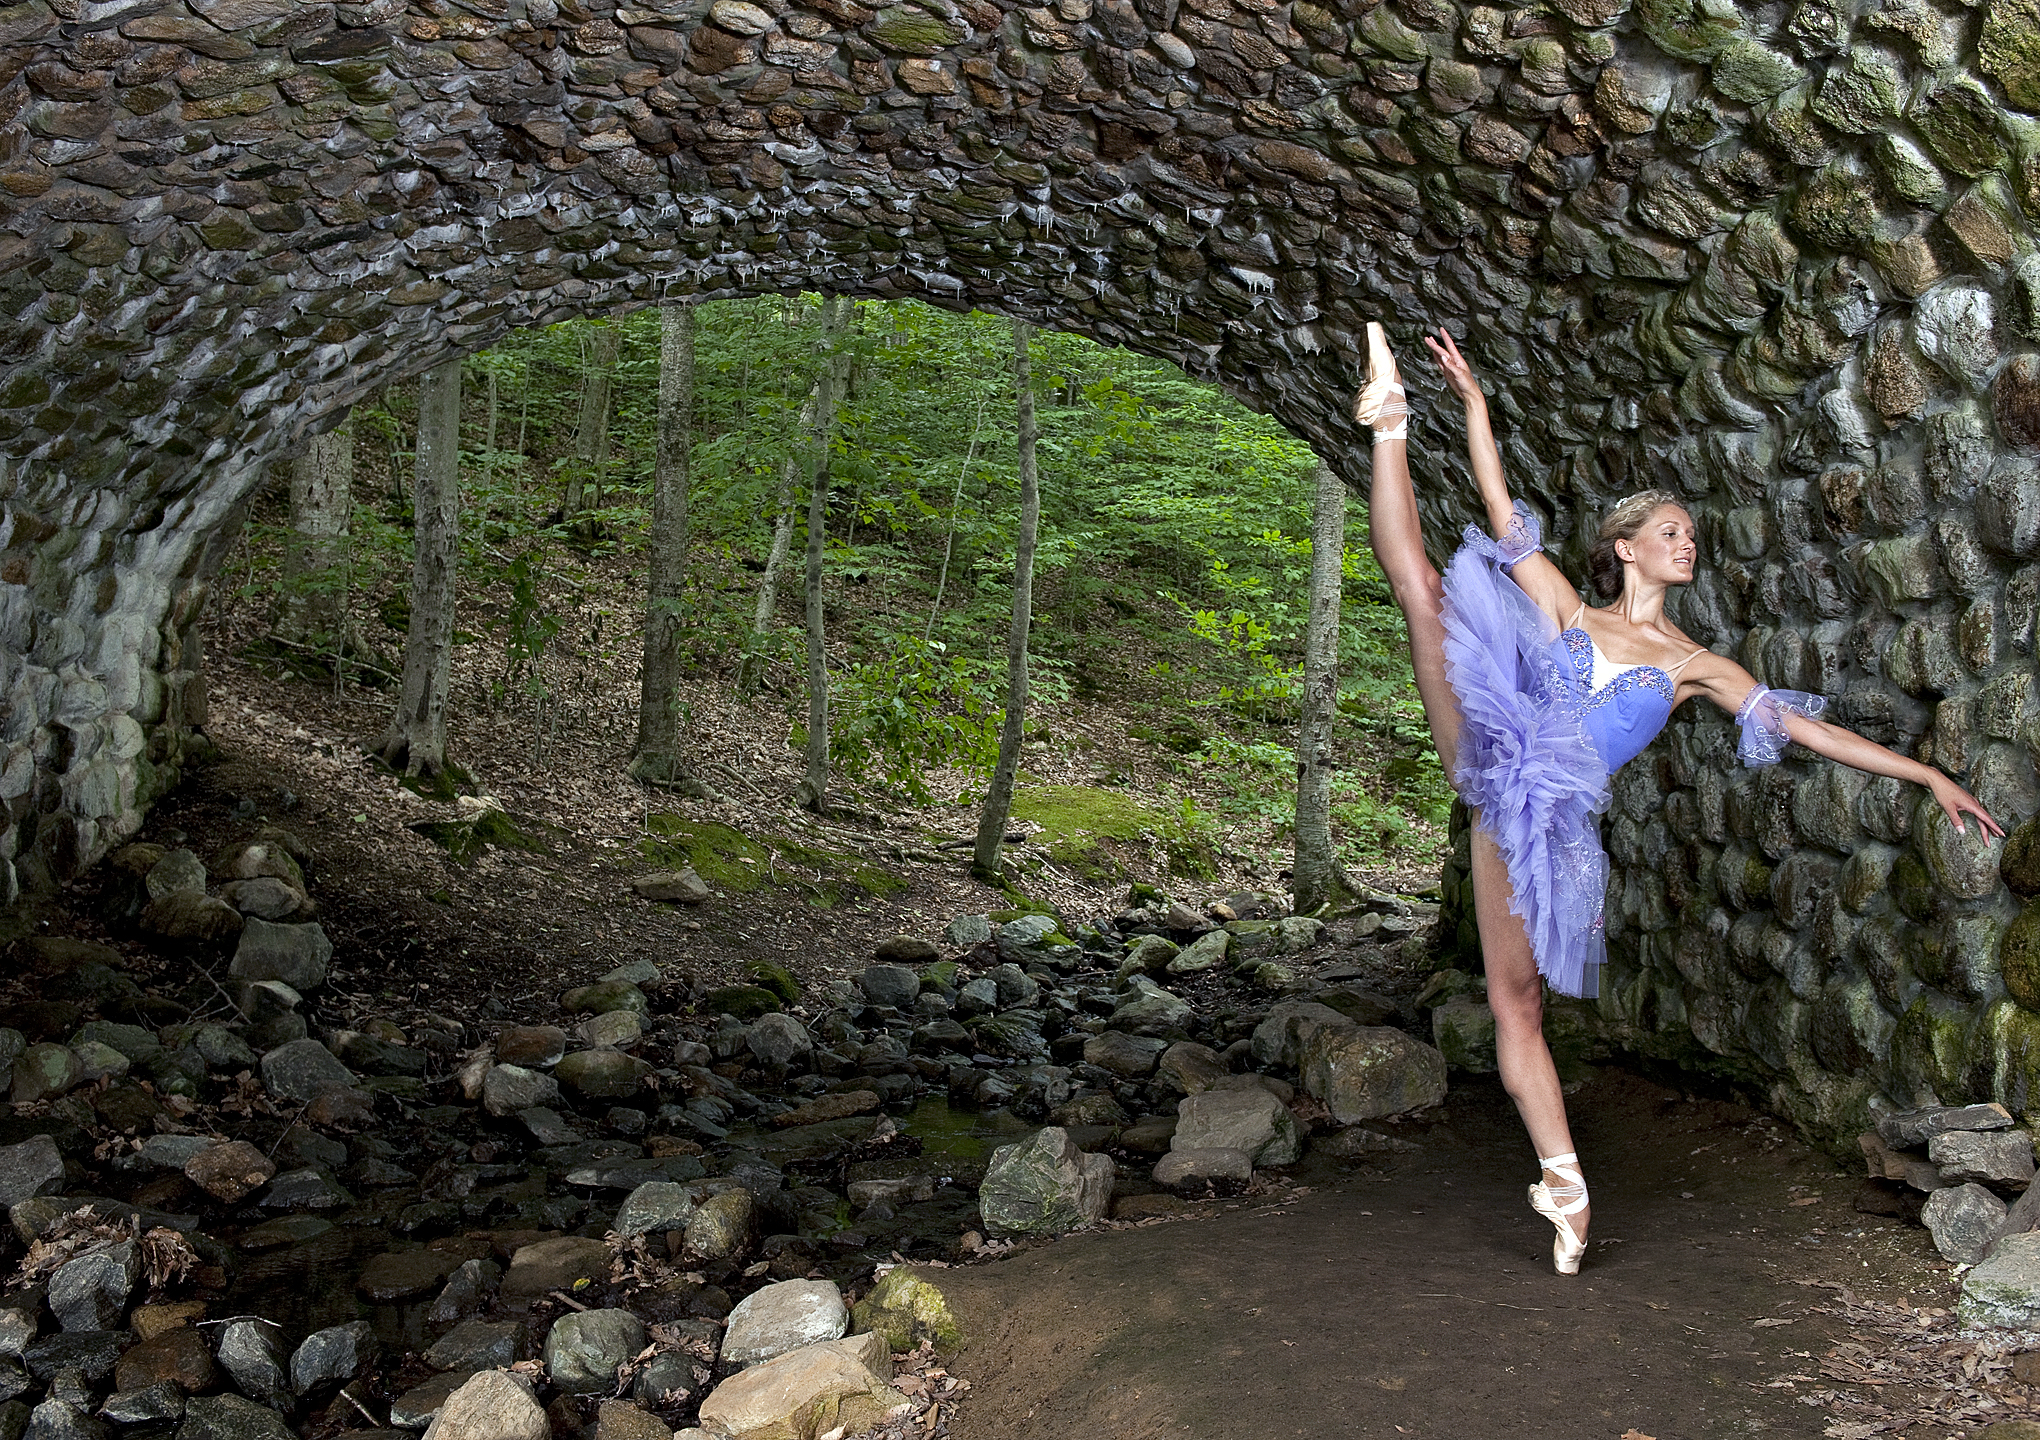 ballet dancer on pointe